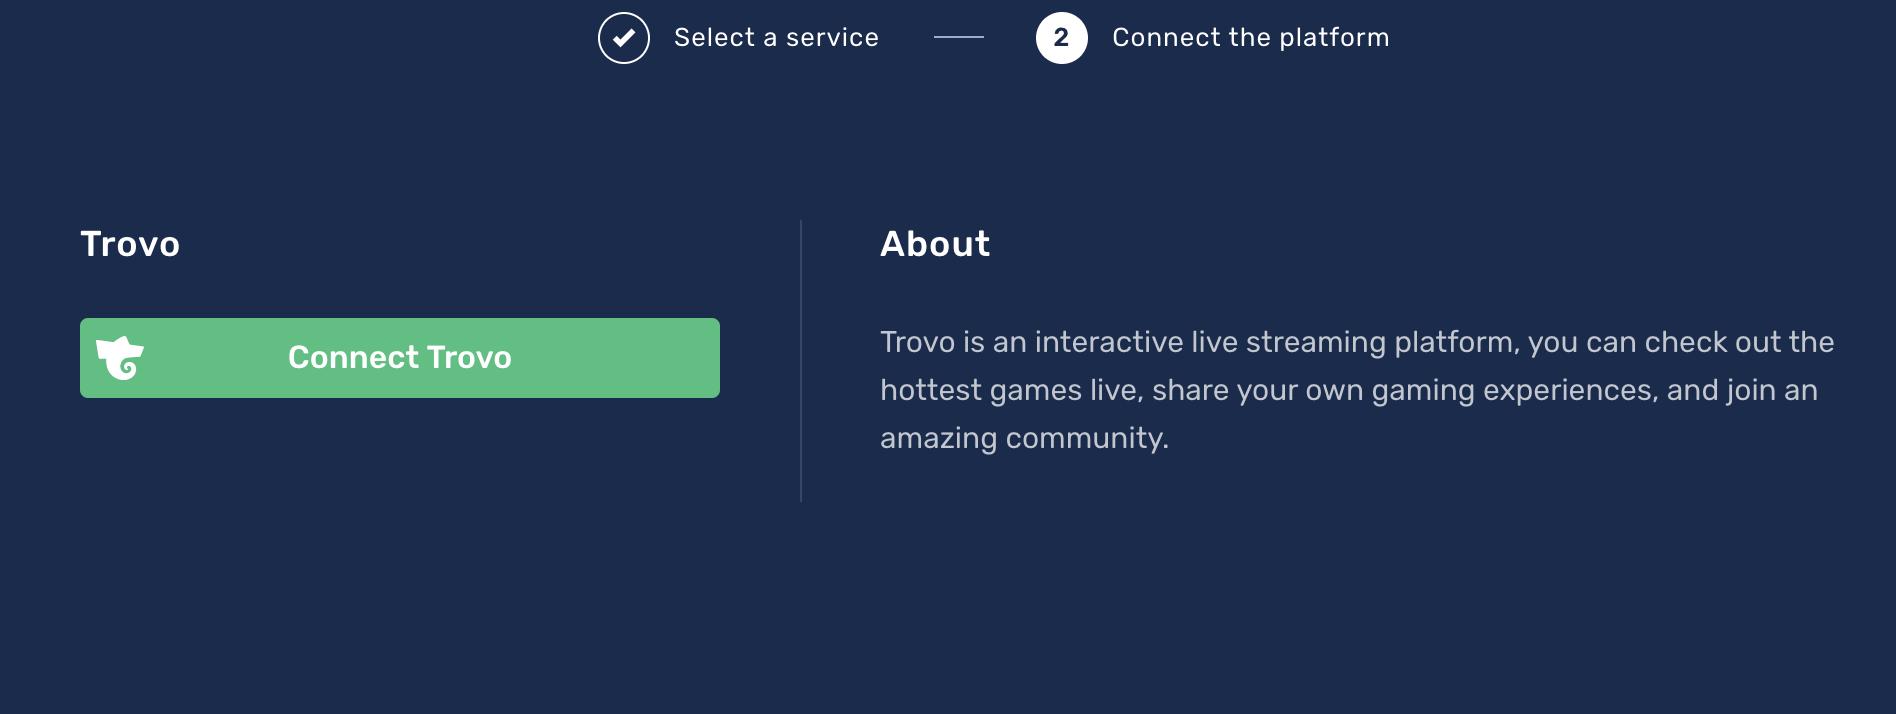 Connect Trovo